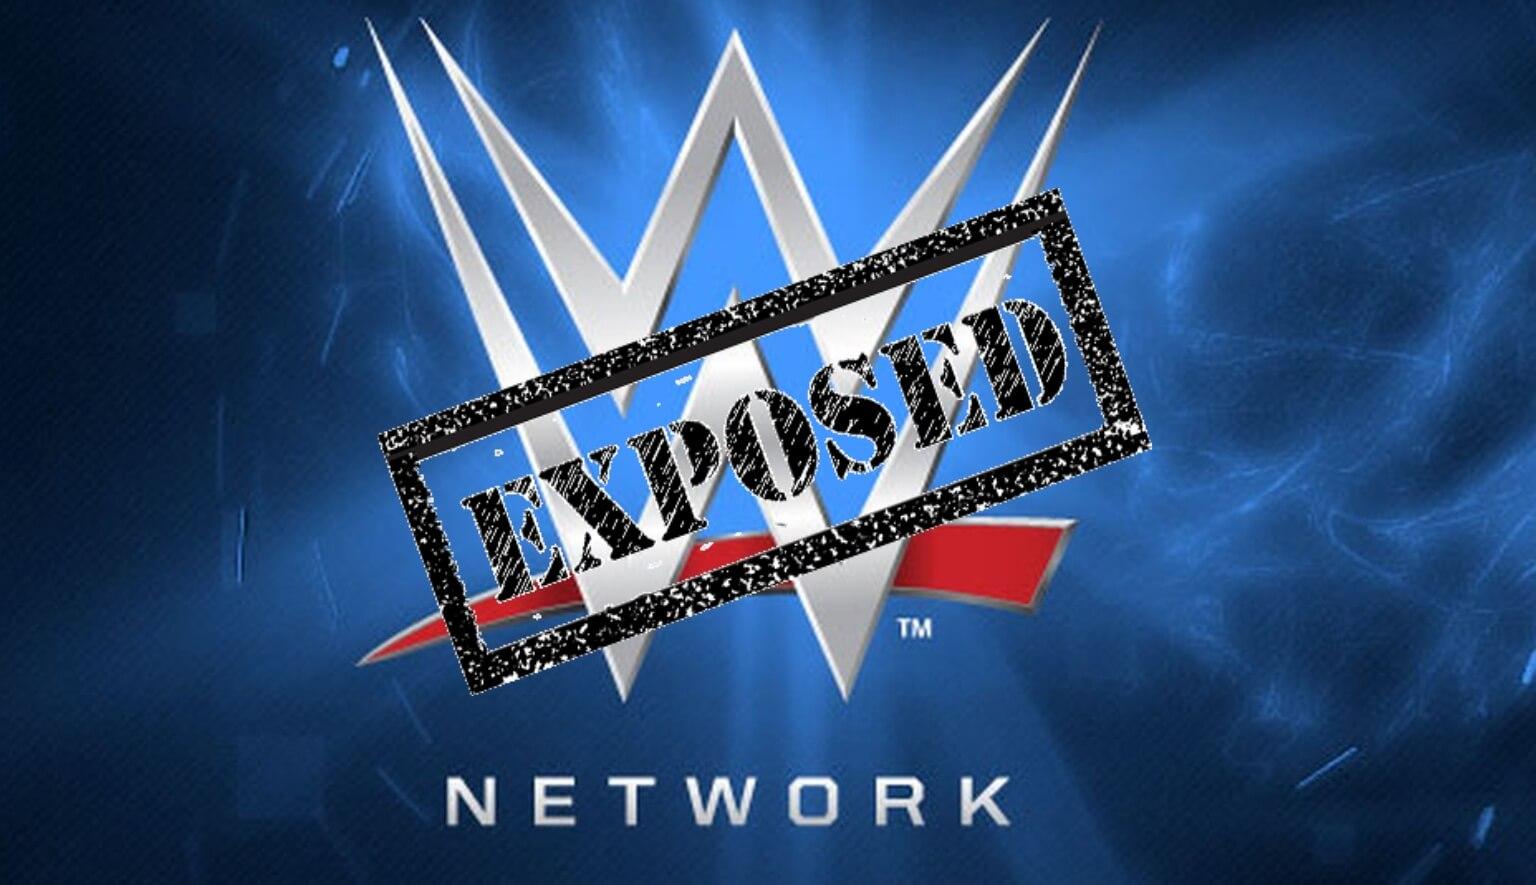 Wwe network exposed fraud